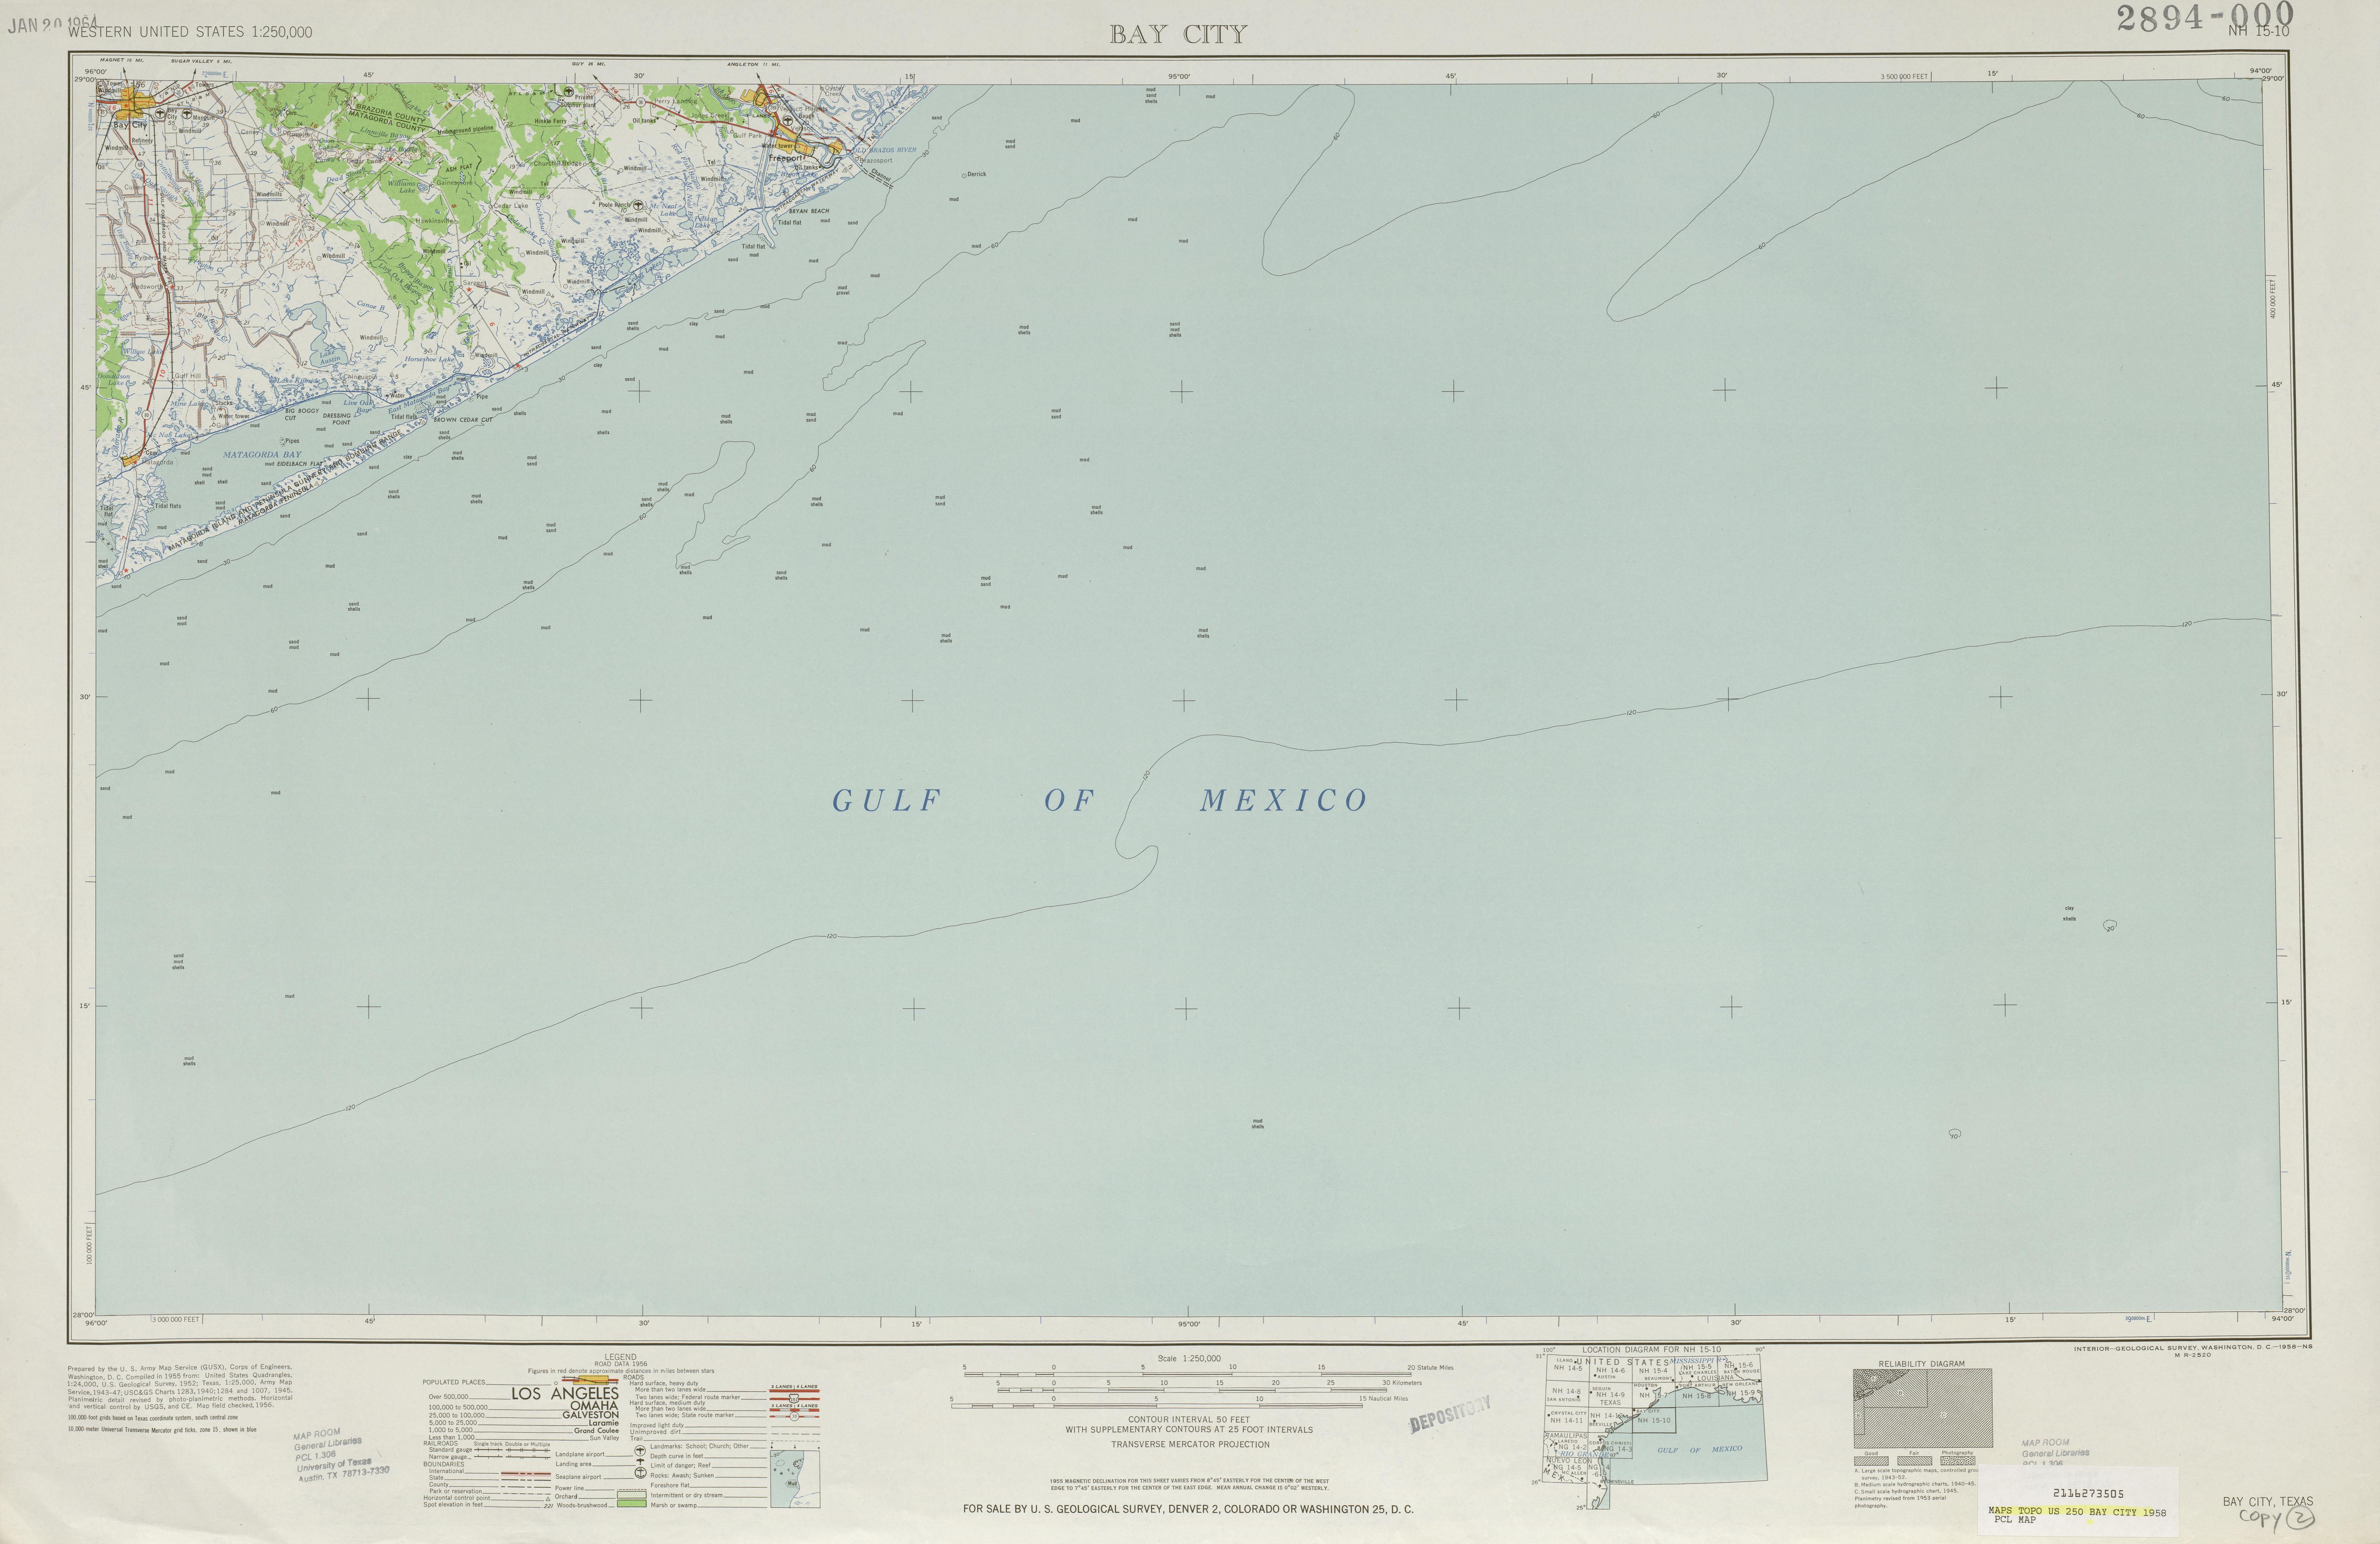 Hoja Bay City del Mapa Topográfico de los Estados Unidos 1958